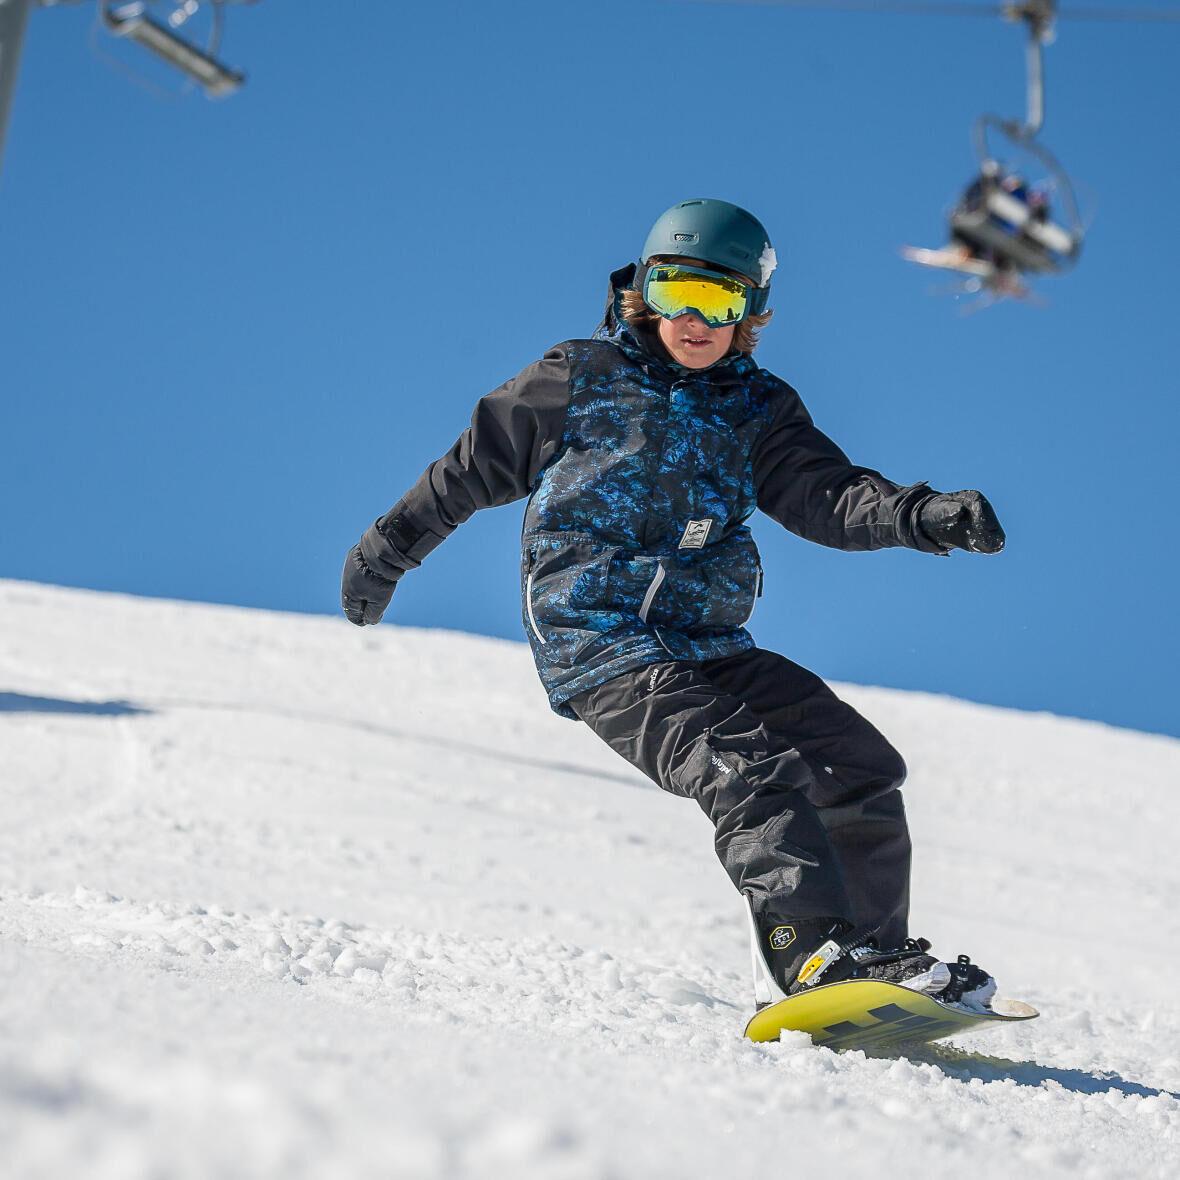 garçon sur une planche à neige